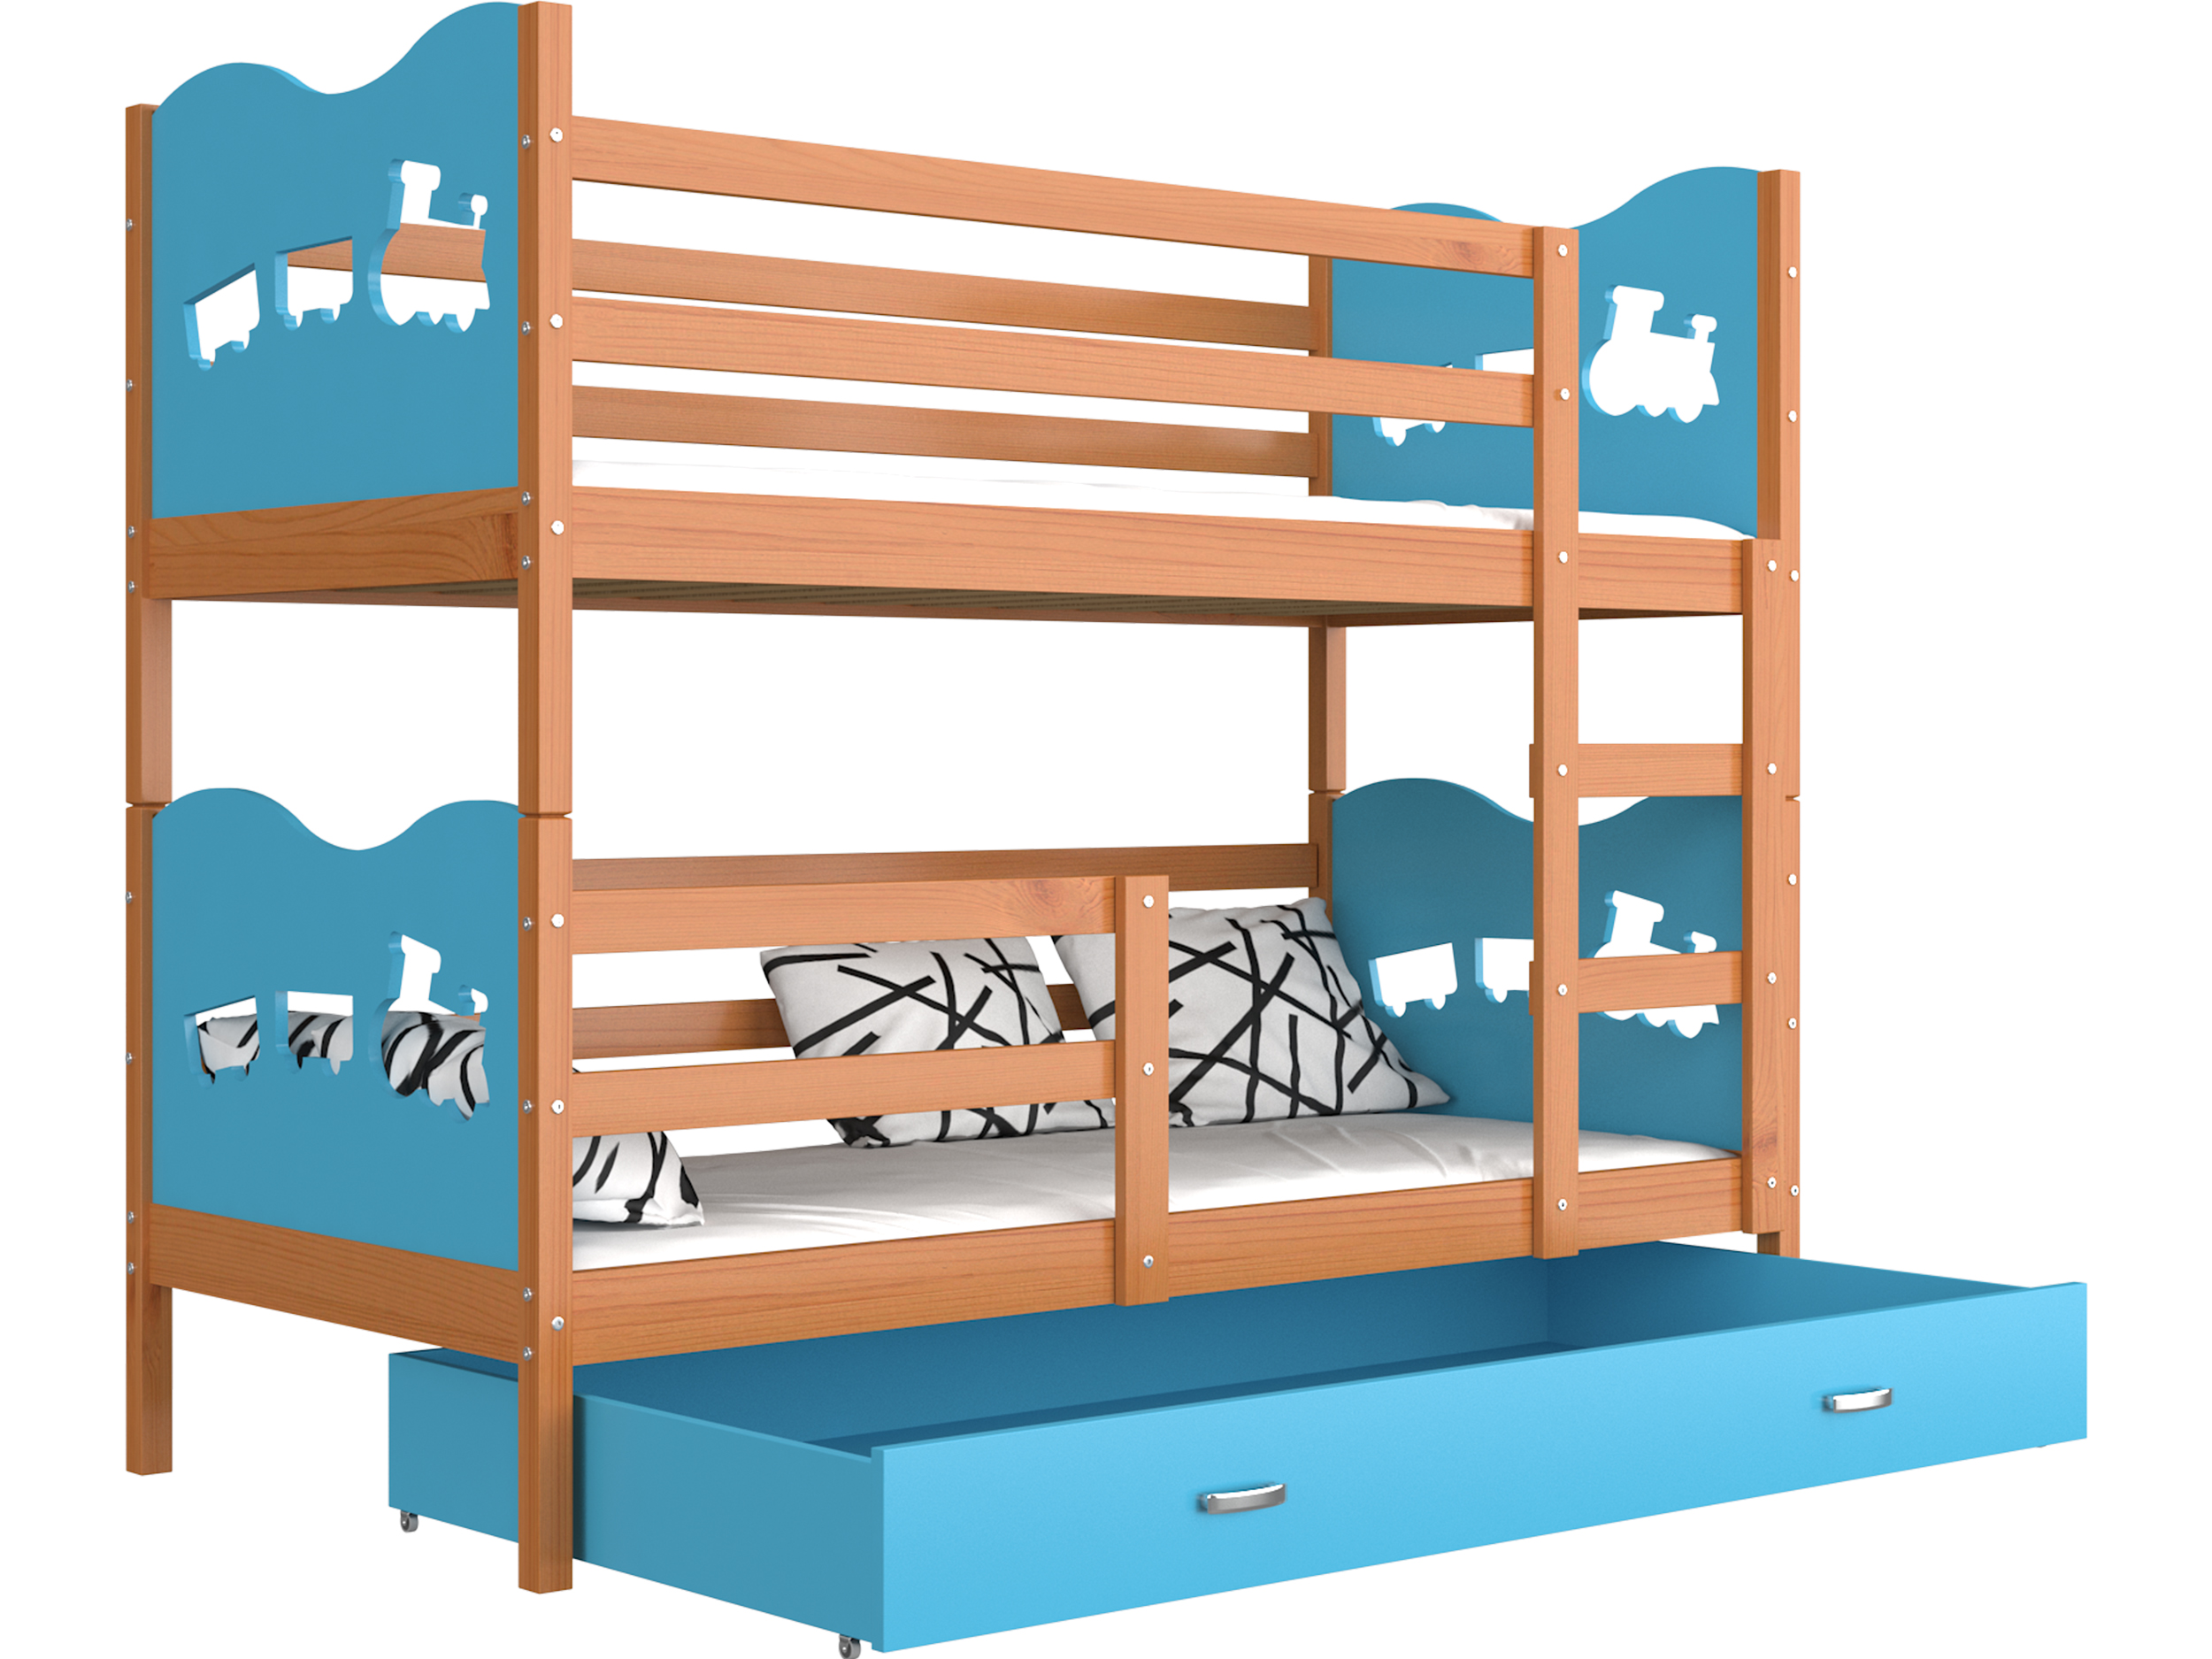 ArtAJ Detská poschodová posteľ Max drevo / MDF 160 x 80 cm Farba: jelša / modrá 160 x 80 cm, s matracom